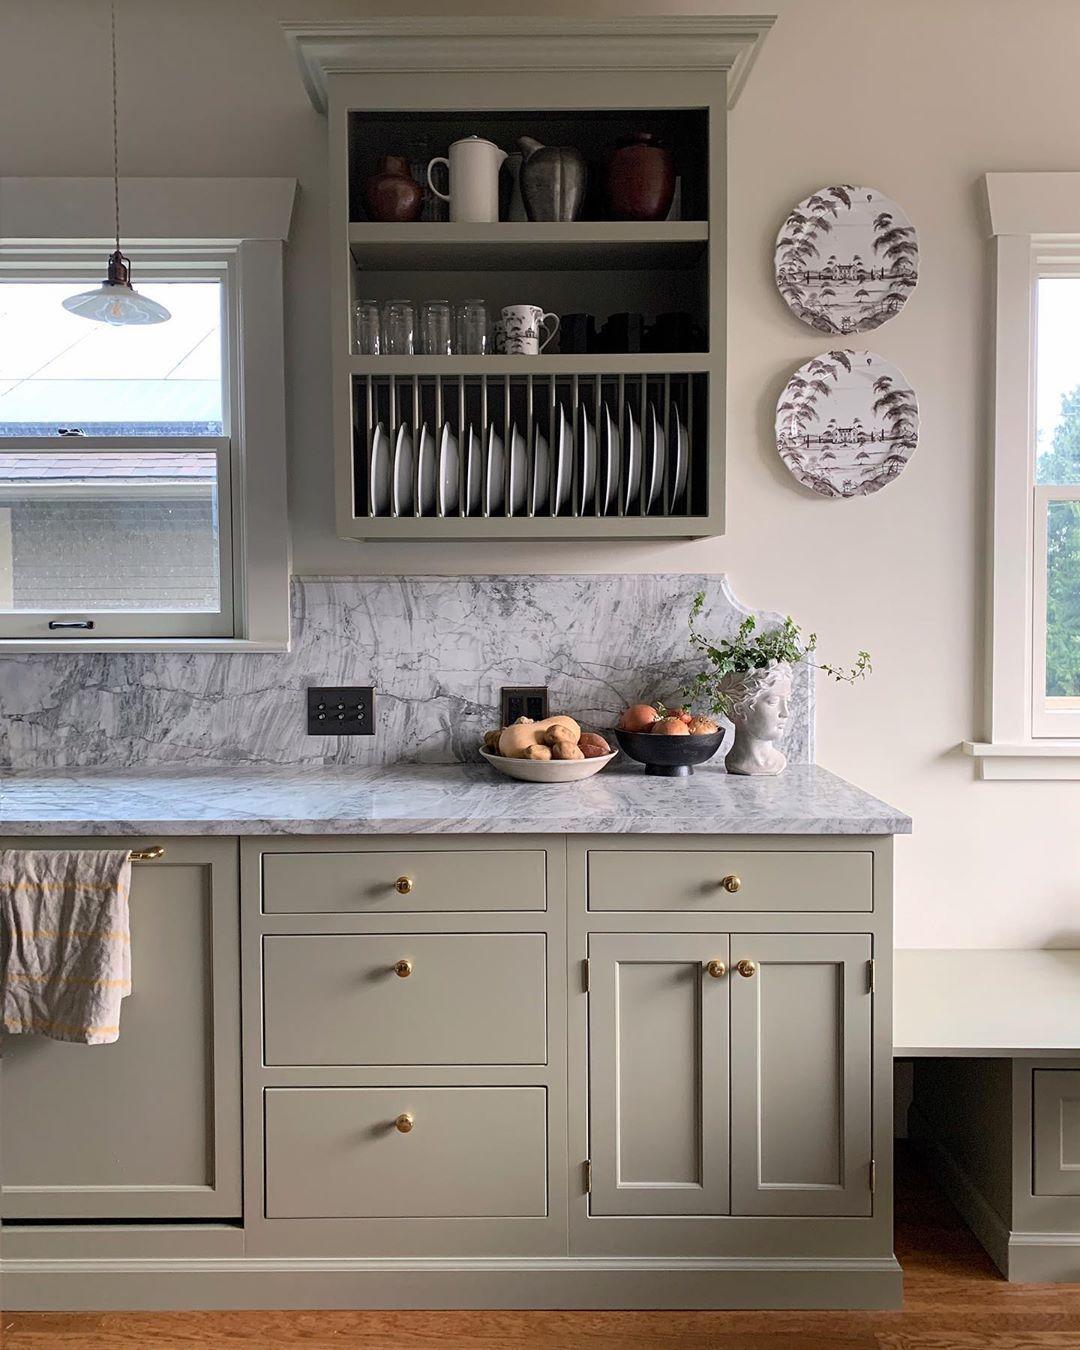 Studio Laloc Lauren L Caron S Kitchen Of Her 1916 Craftsman In Seattle Instagram In 2020 Kitchen Cabinets Kitchen Inspirations Kitchen Design